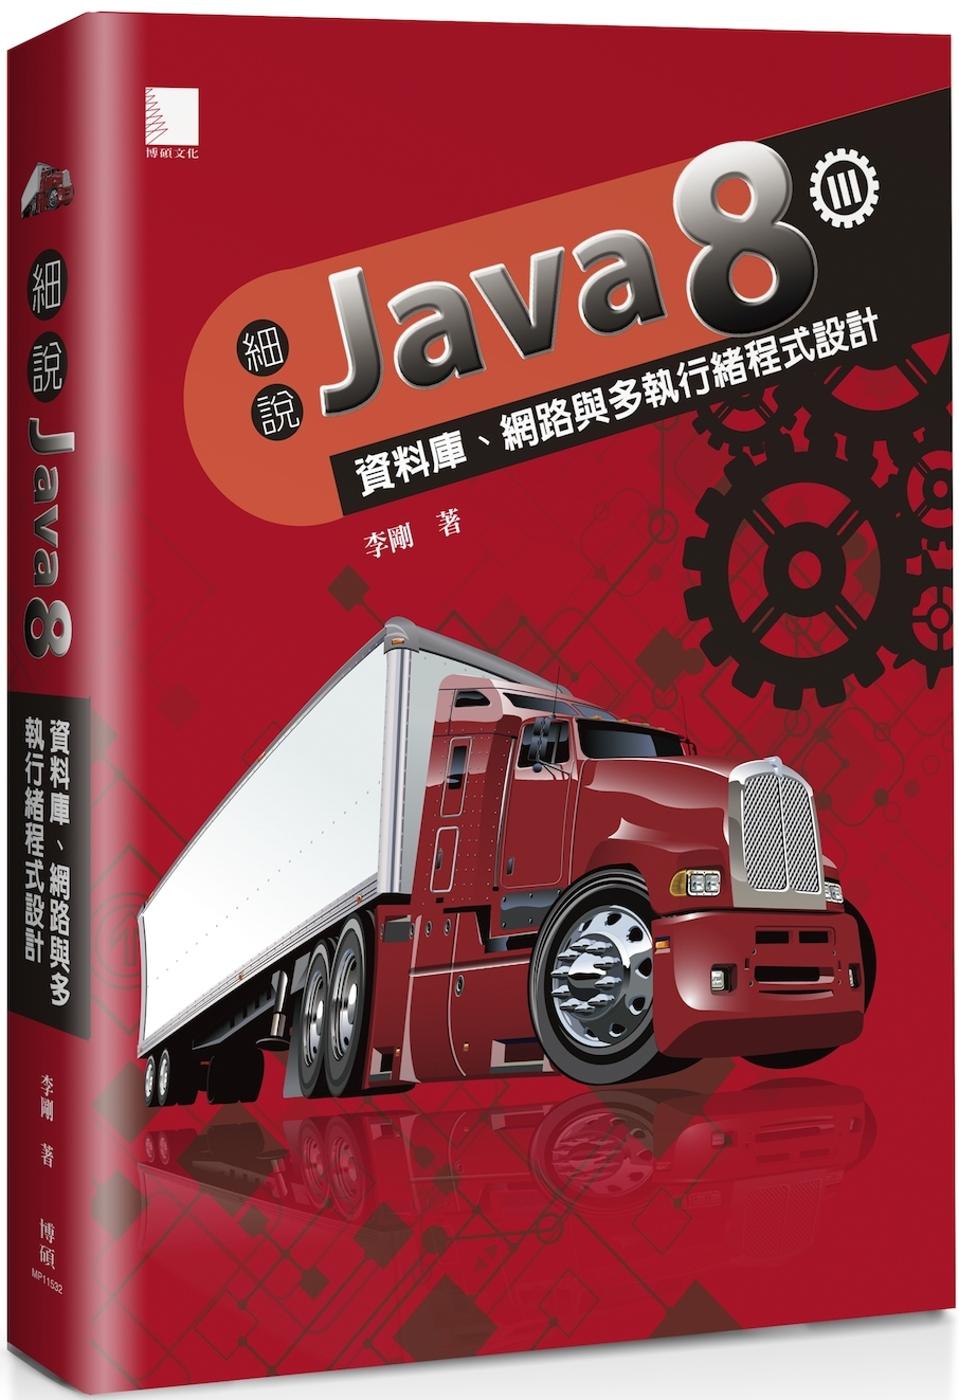 細說Java 8 Vol  III:資料庫、網路與多執行緒程式設計  暢銷書